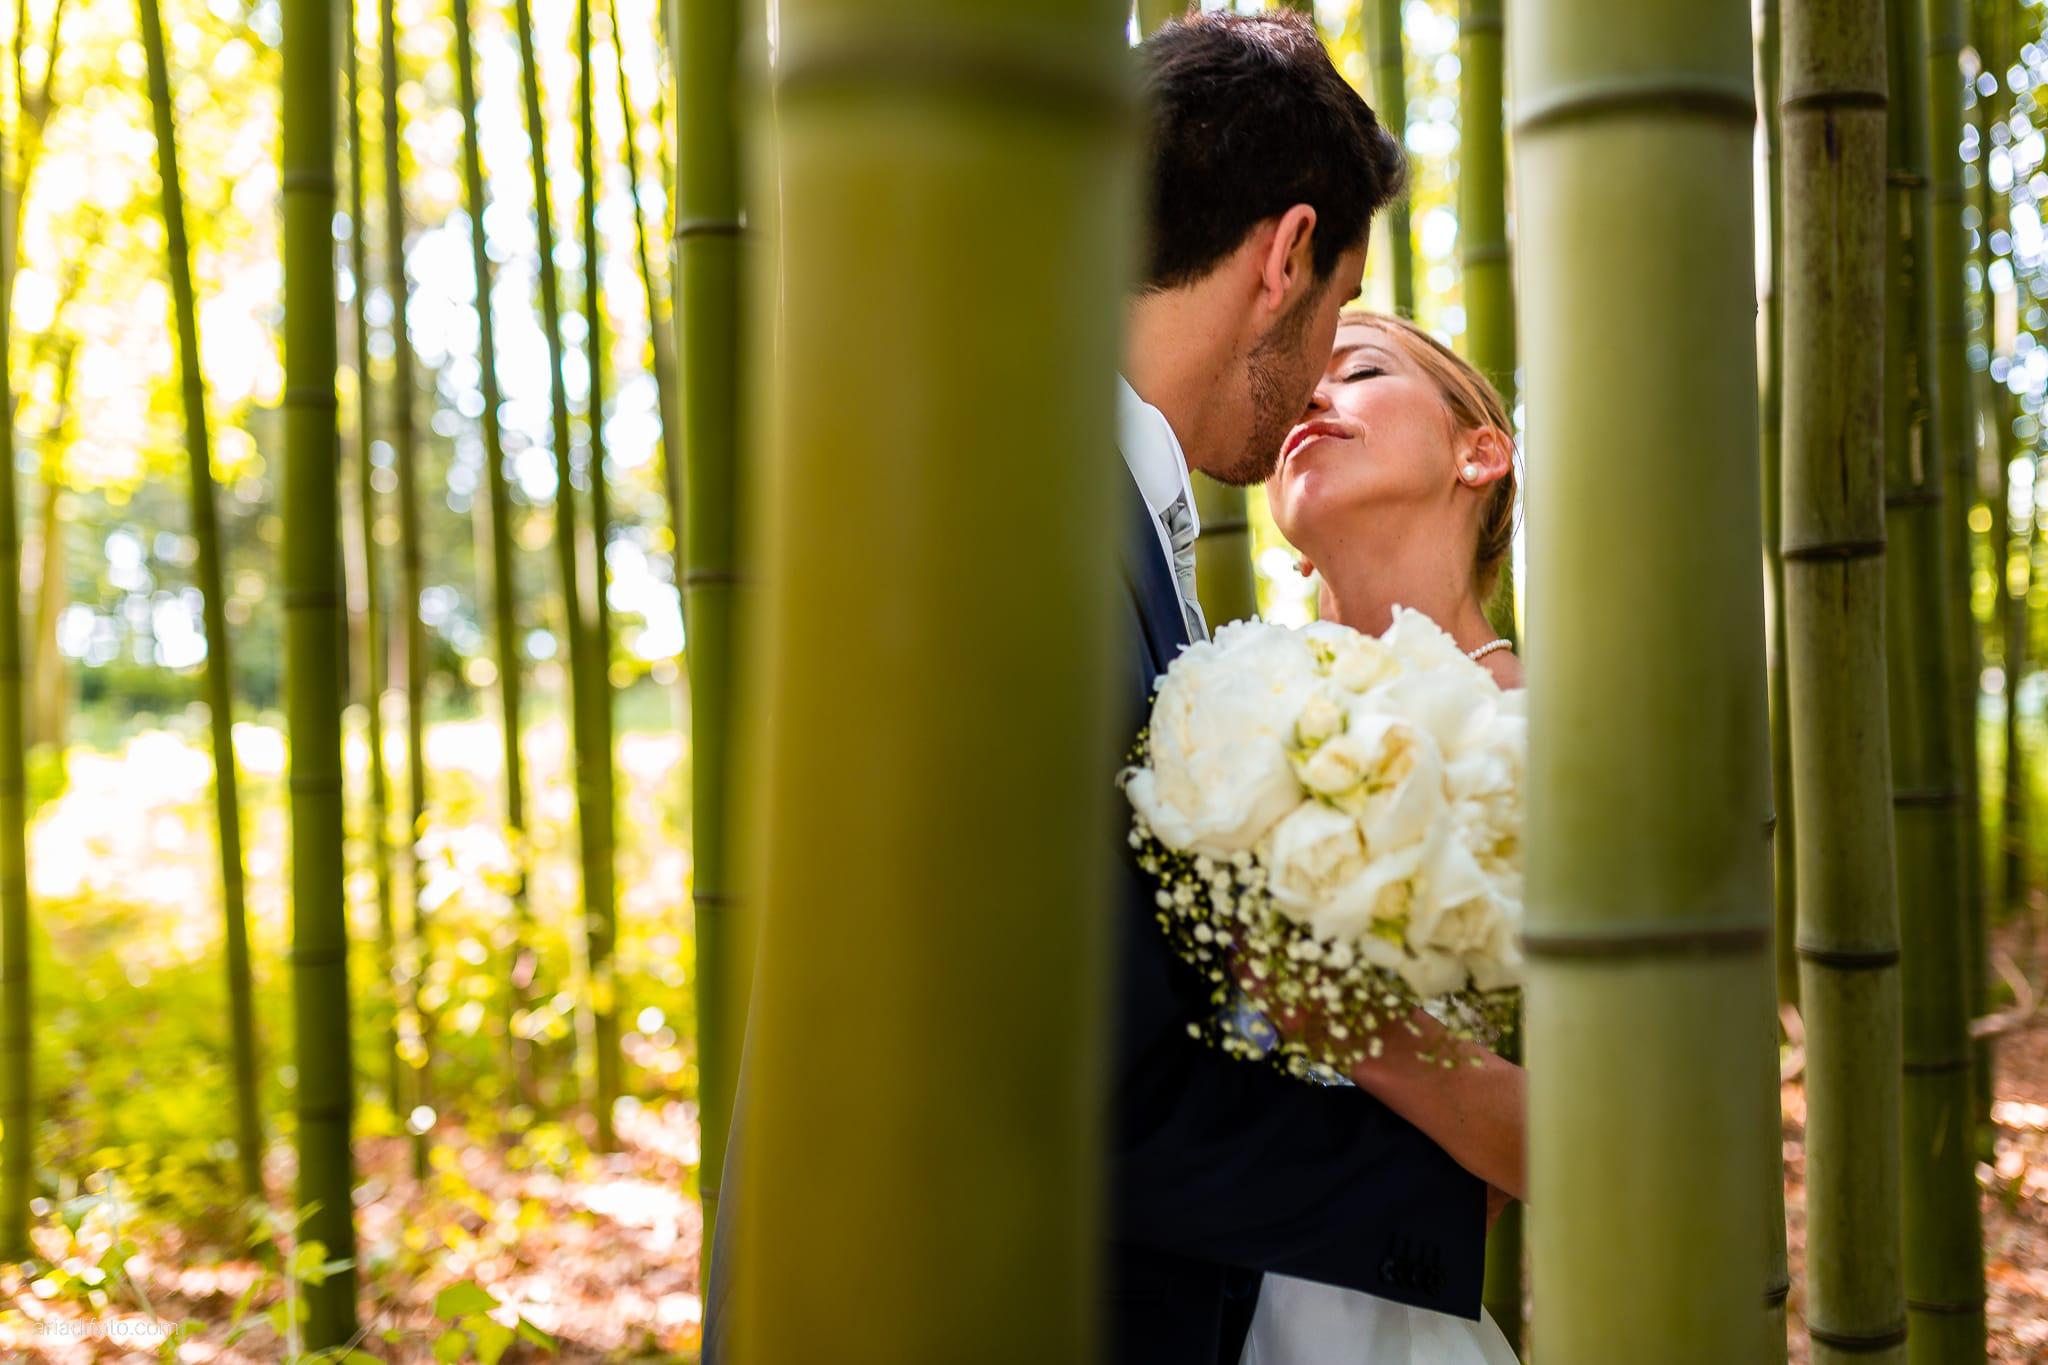 Giulia Paolo Matrimonio Trieste Villa Iachia Ruda Udine ritratti sposi parco bamboo